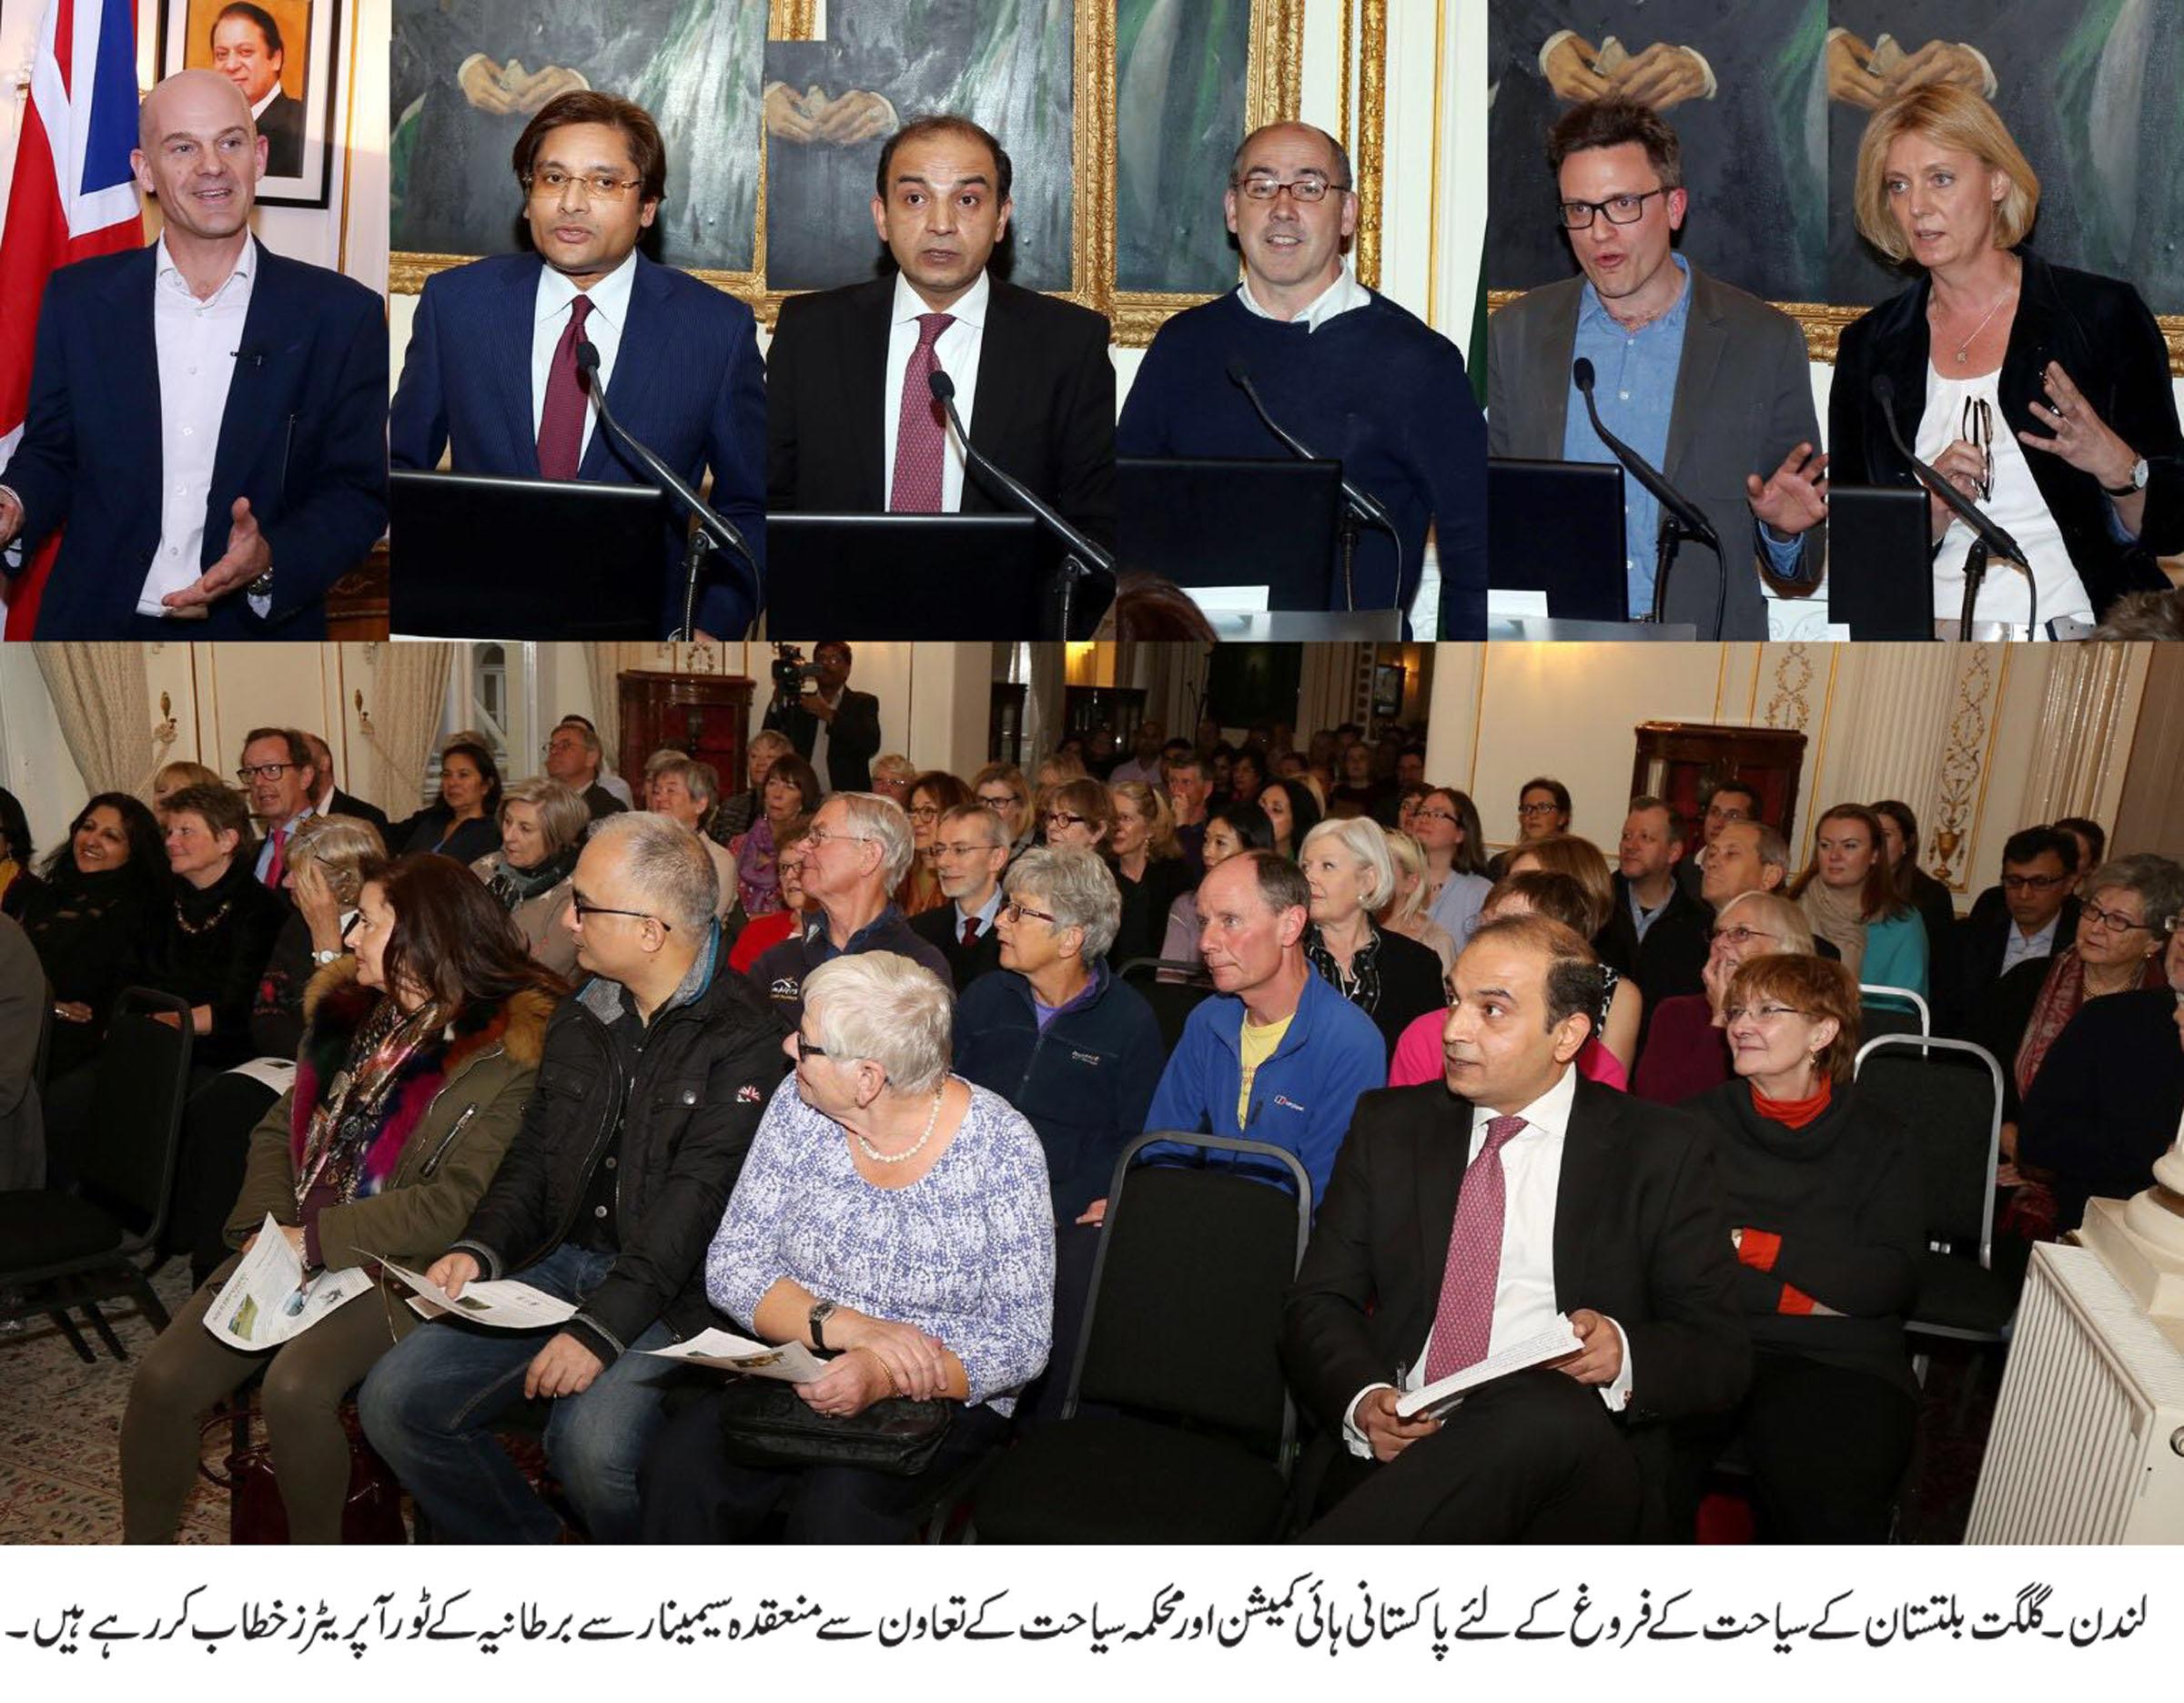 پاکستانی سفارت خانے کے زیرِ اہتمام لندن میں گلگت بلتستان میں سیاحت کے فروغ کے لئے سیمینار کا انعقاد